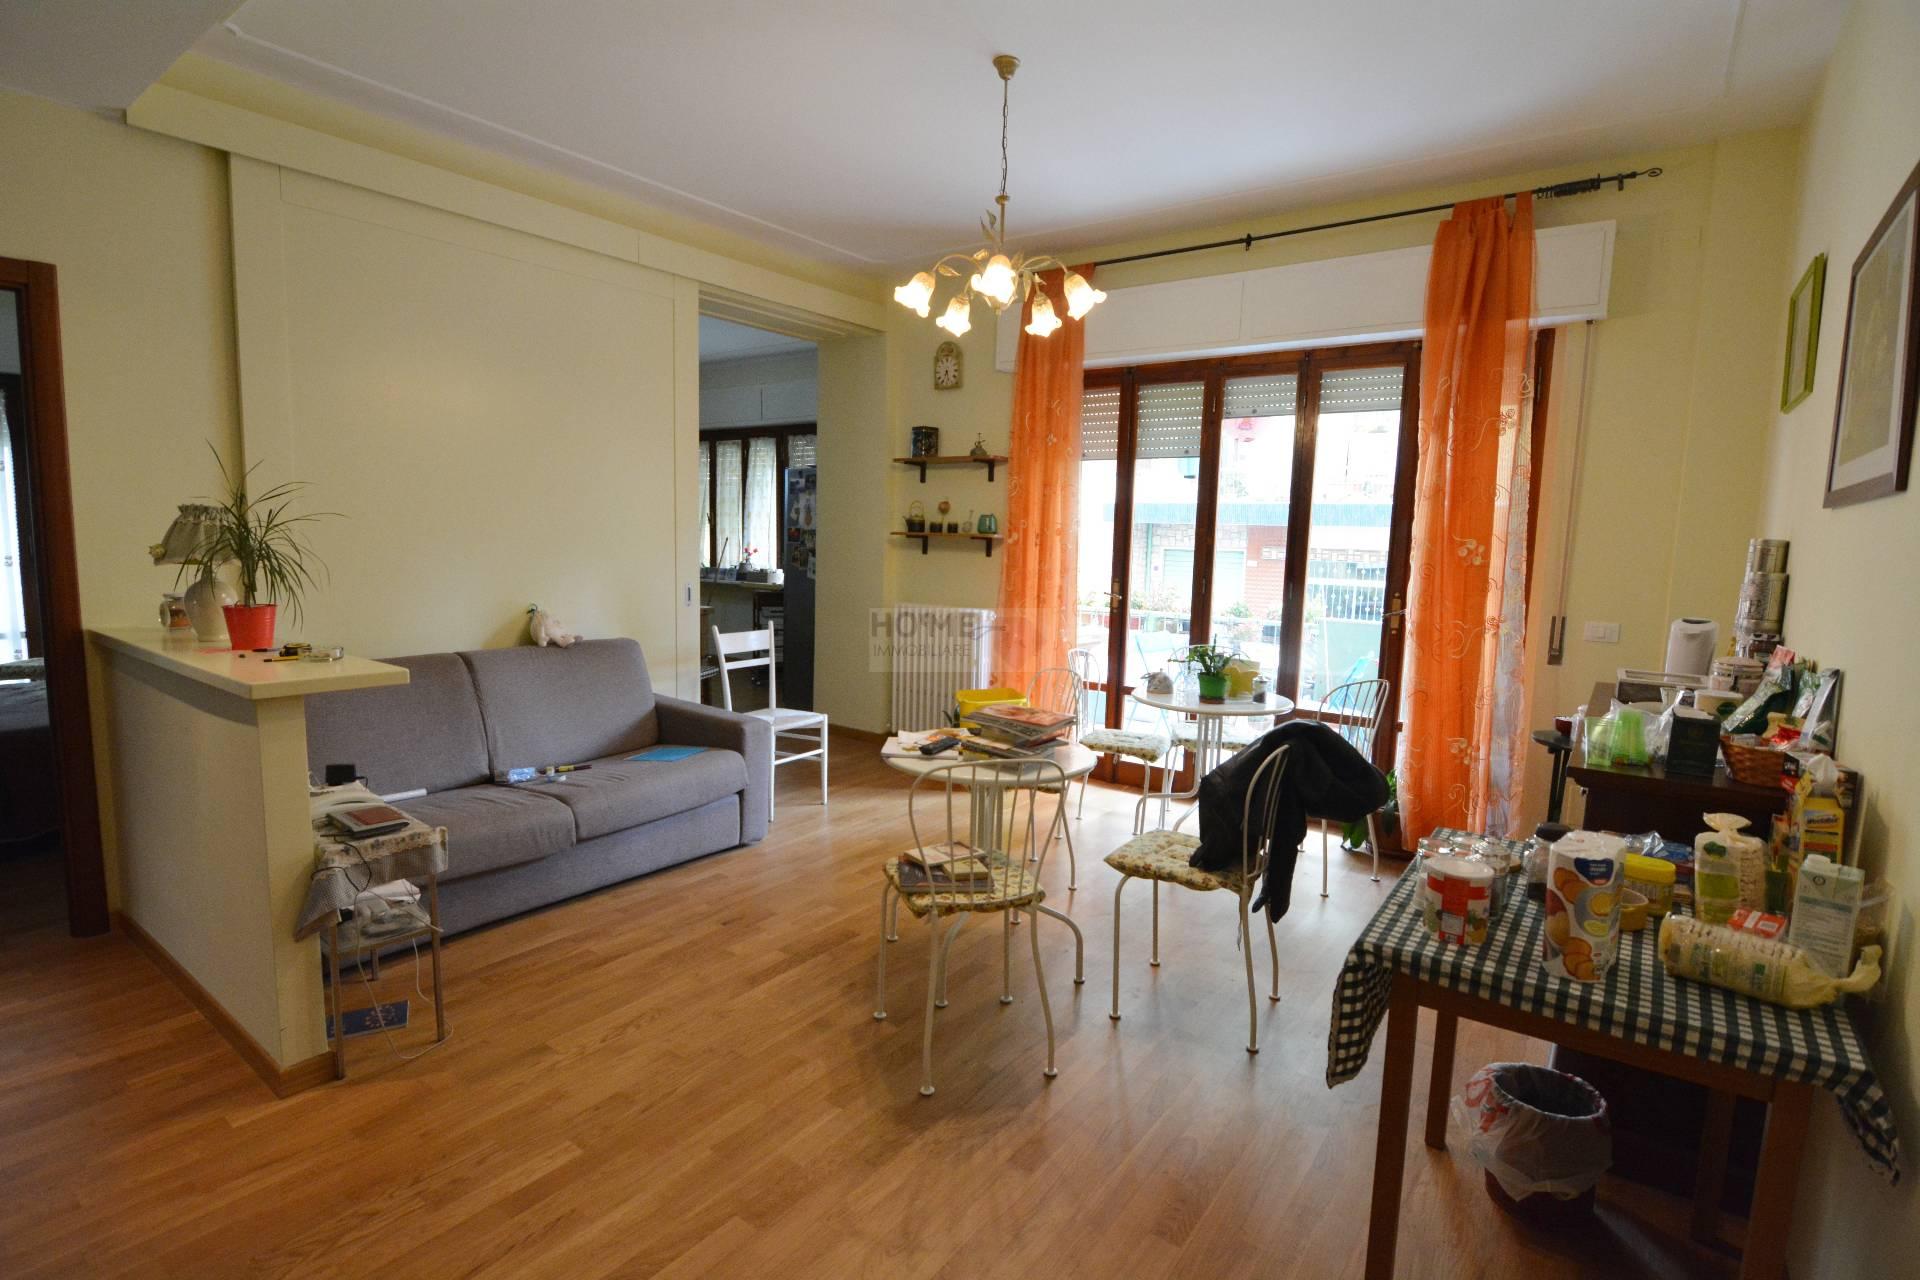 casa macerata appartamenti e case in vendita a macerata